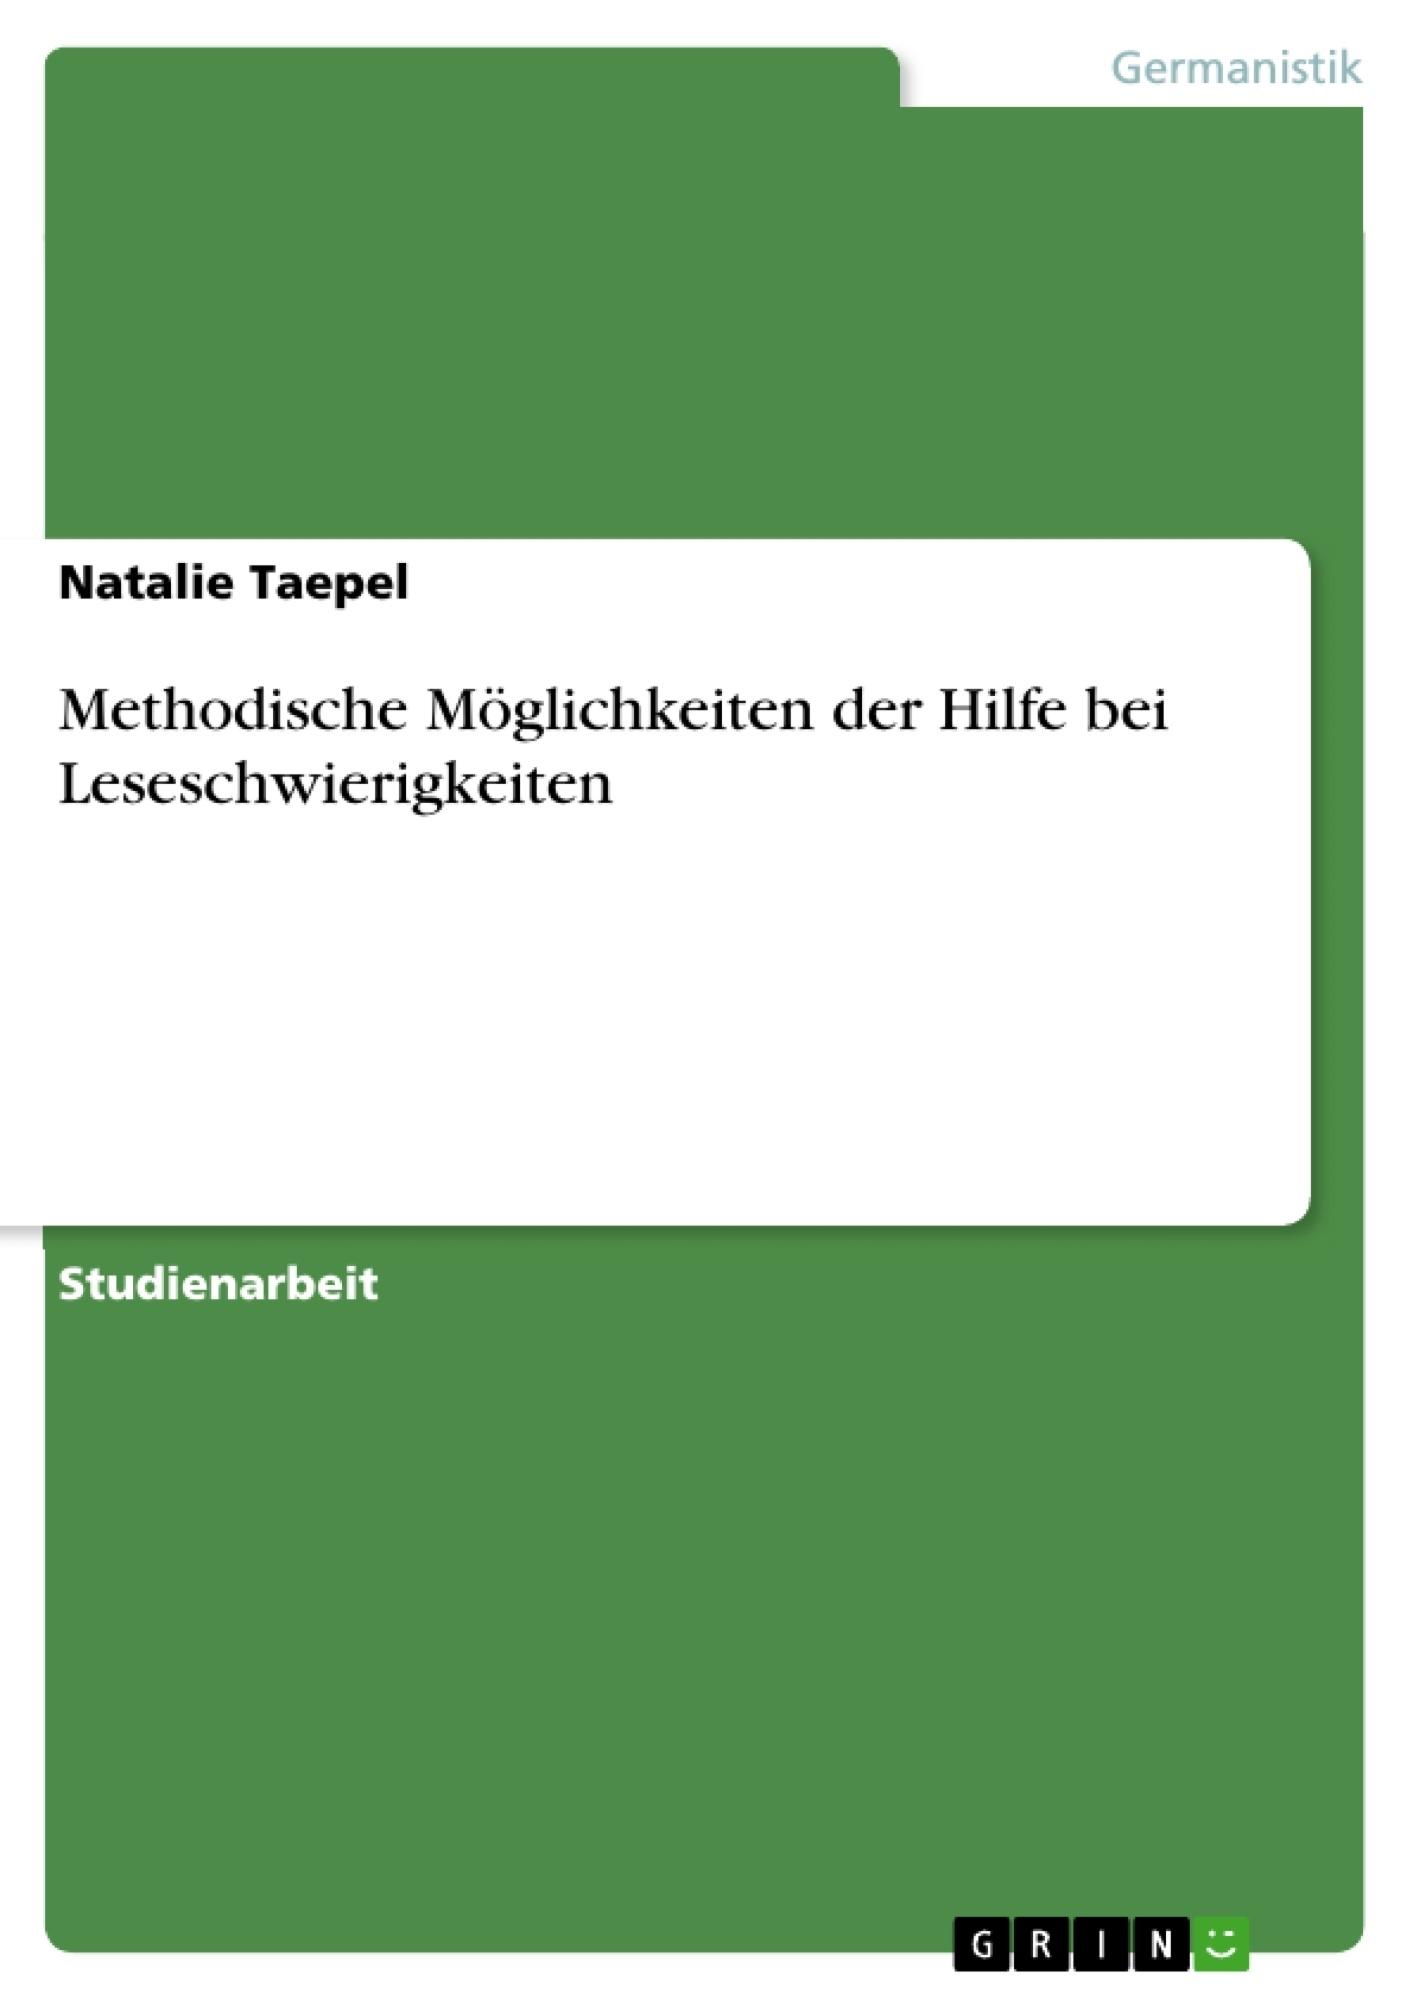 Titel: Methodische Möglichkeiten der Hilfe bei Leseschwierigkeiten